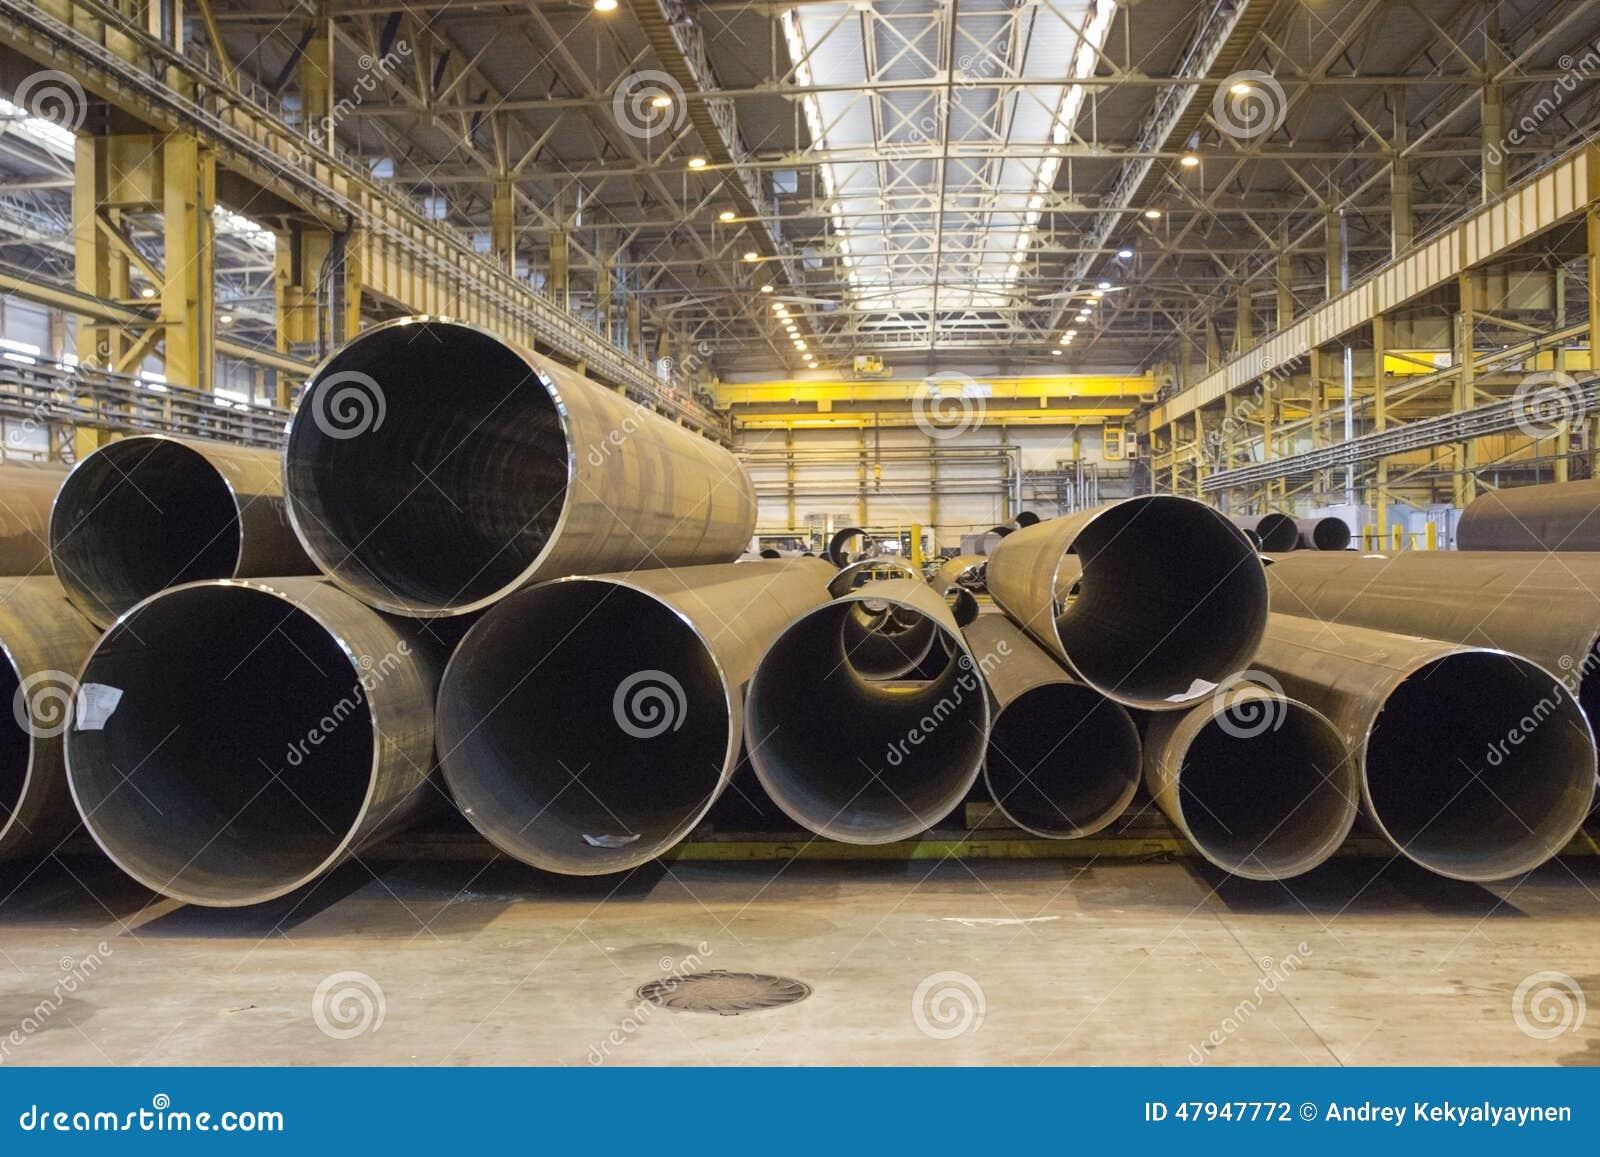 Innenlagerung mit Stahlrohren, Betriebswerkstatt